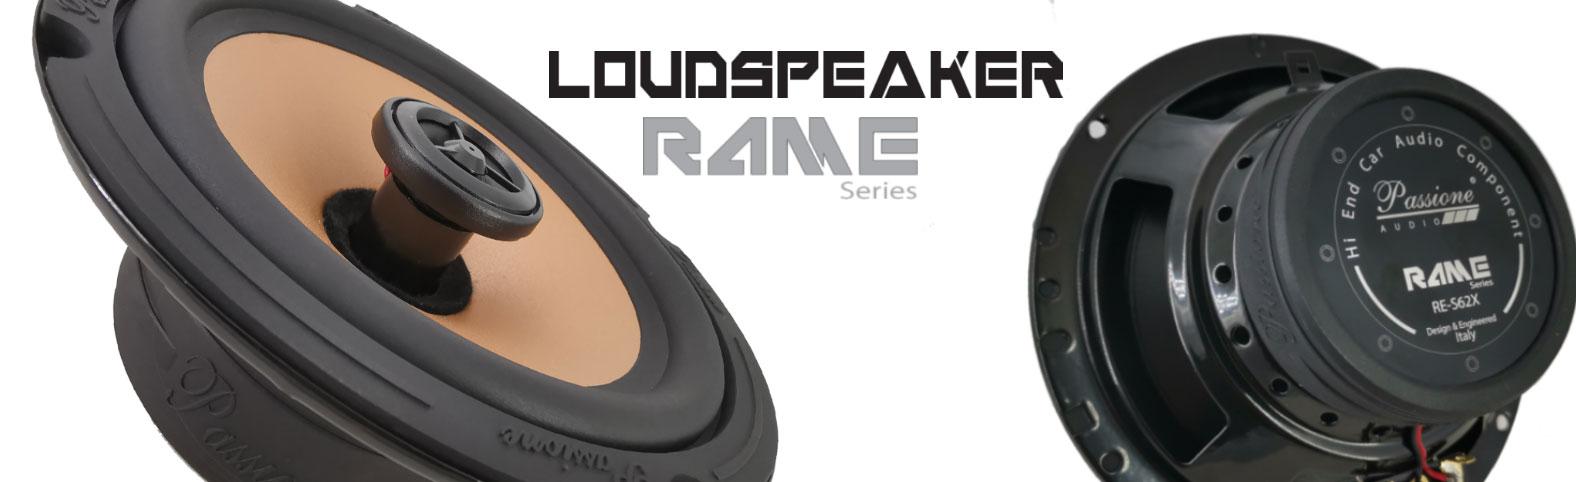 Rame – Loudspeakers